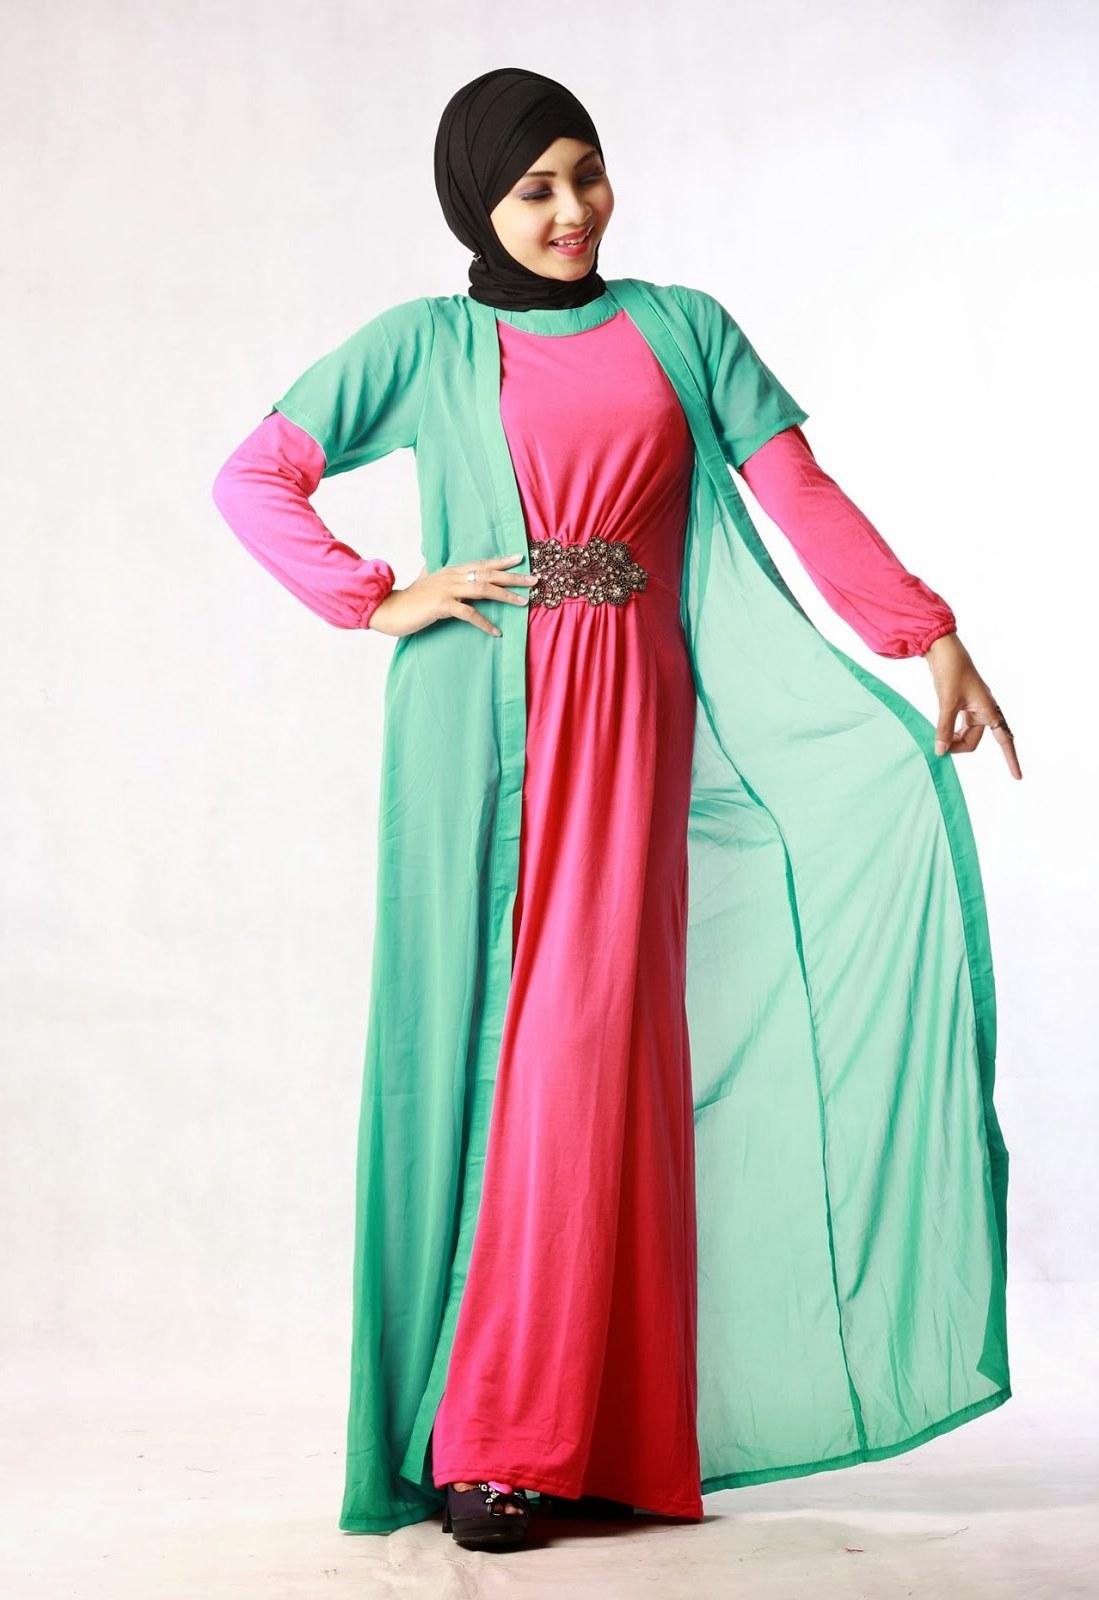 Ide Baju Lebaran Untuk orang Tua Budm 8 Model Baju Muslim Untuk orang Gemuk Yang Pas